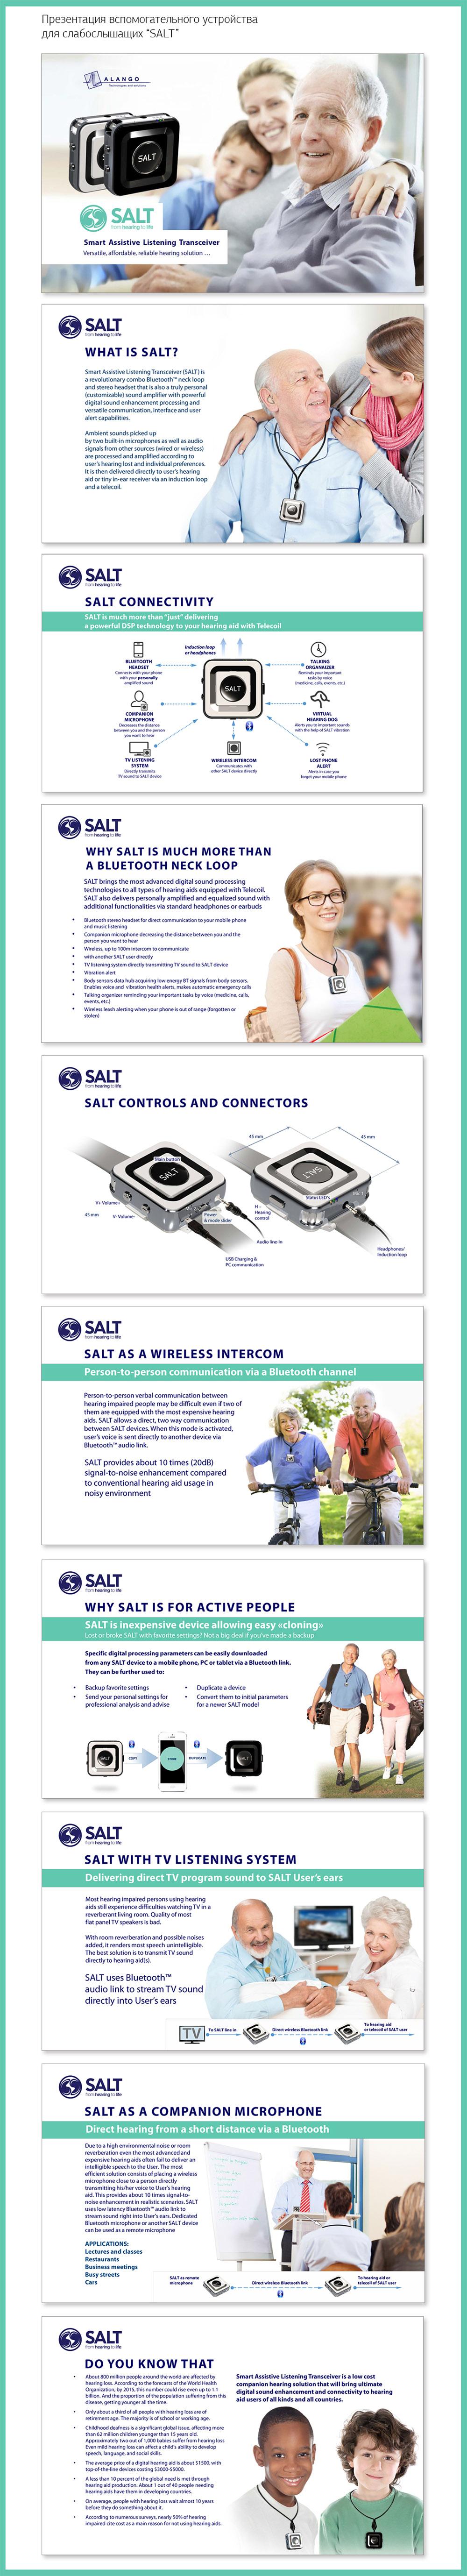 """Презентация вспомогательного устройства для слабослышащих """"SALT"""""""